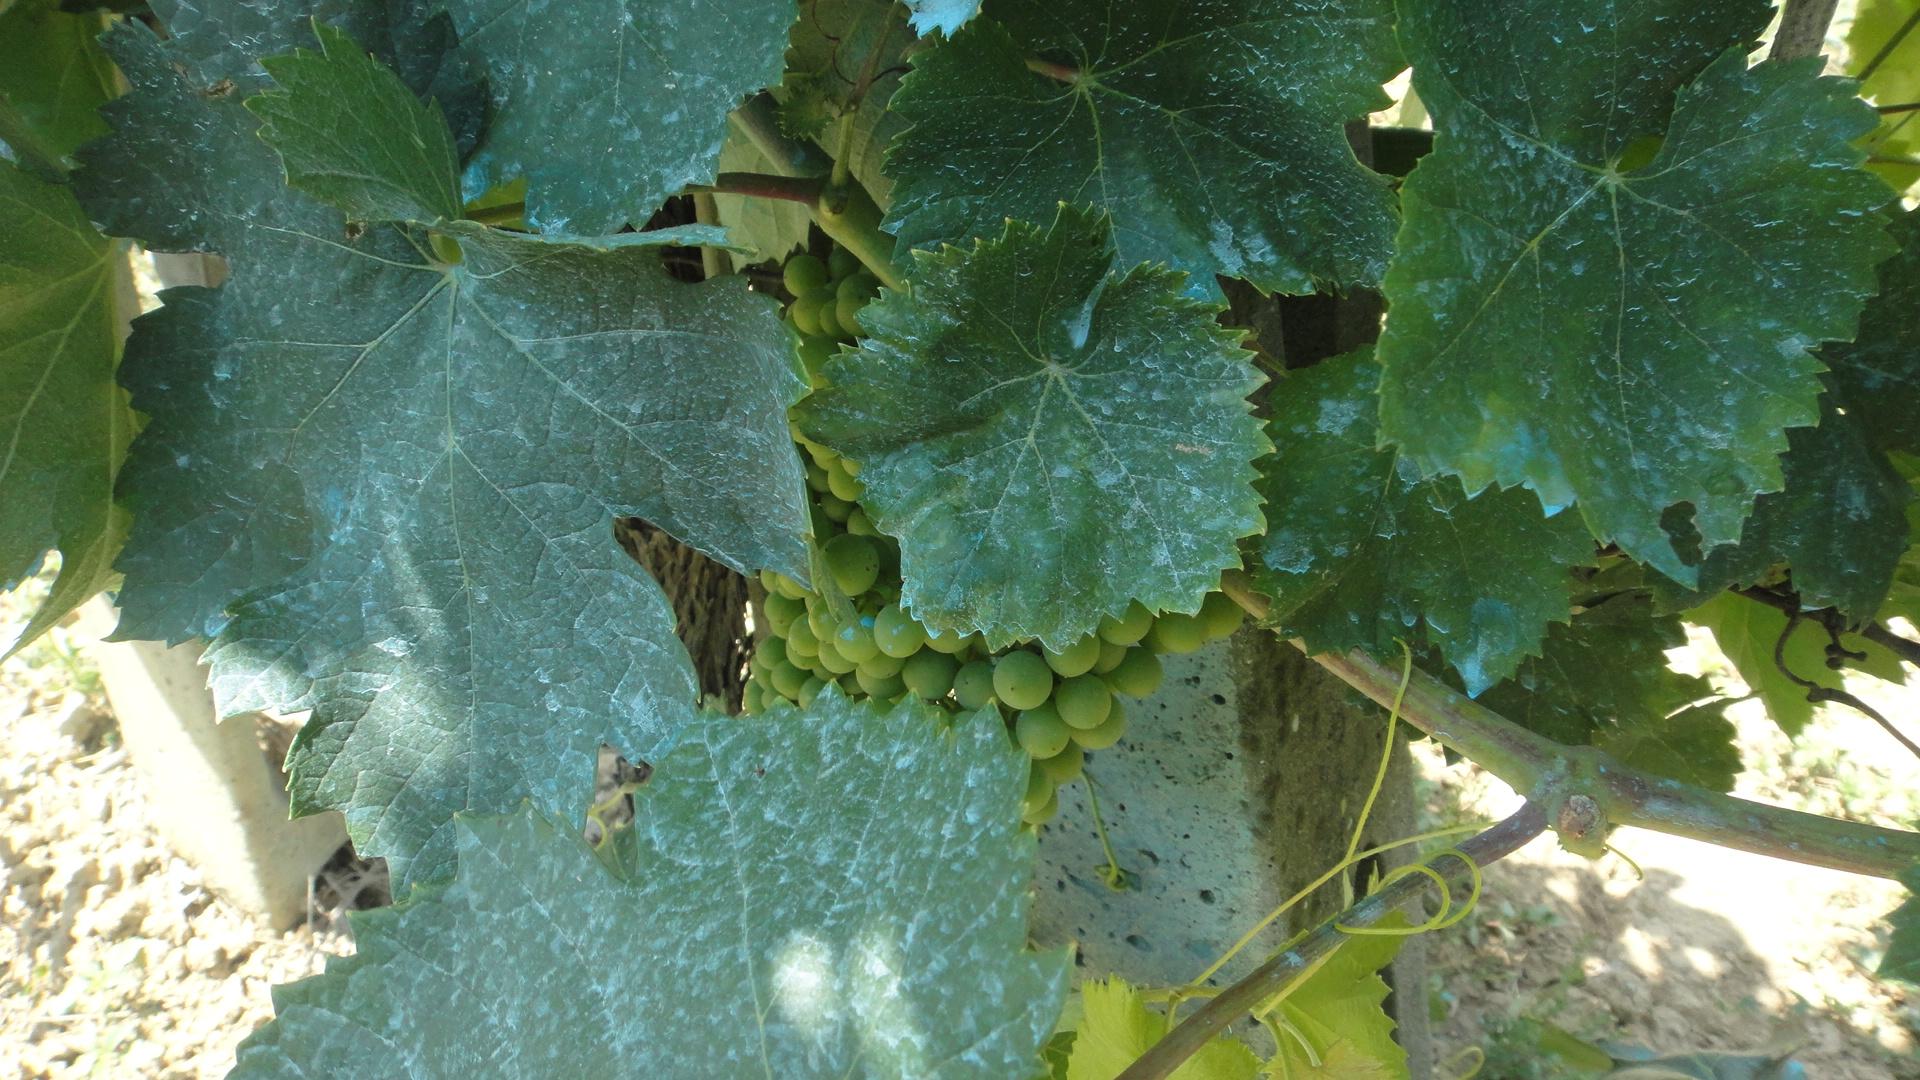 Bordo bulamac vikipedi - Traitement de la vigne ...